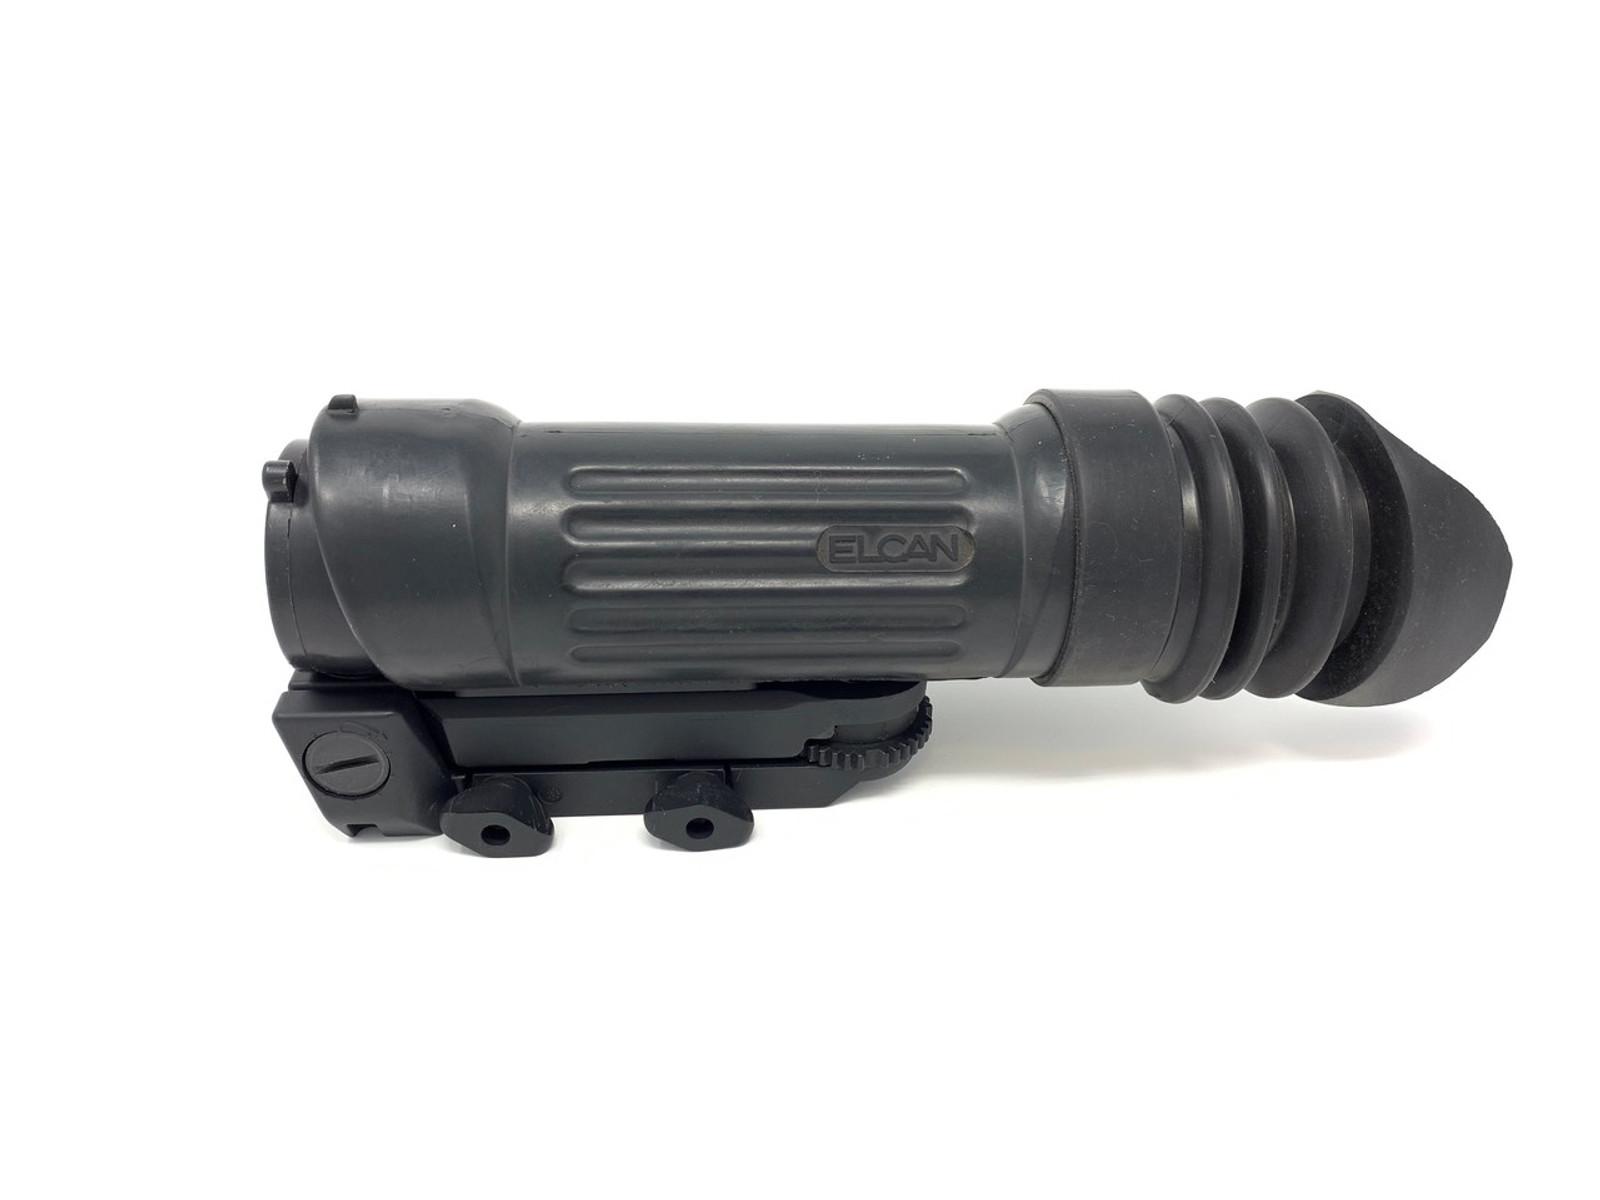 Blackcat ELCAN Gen 3 Night Vision Weapon Sight